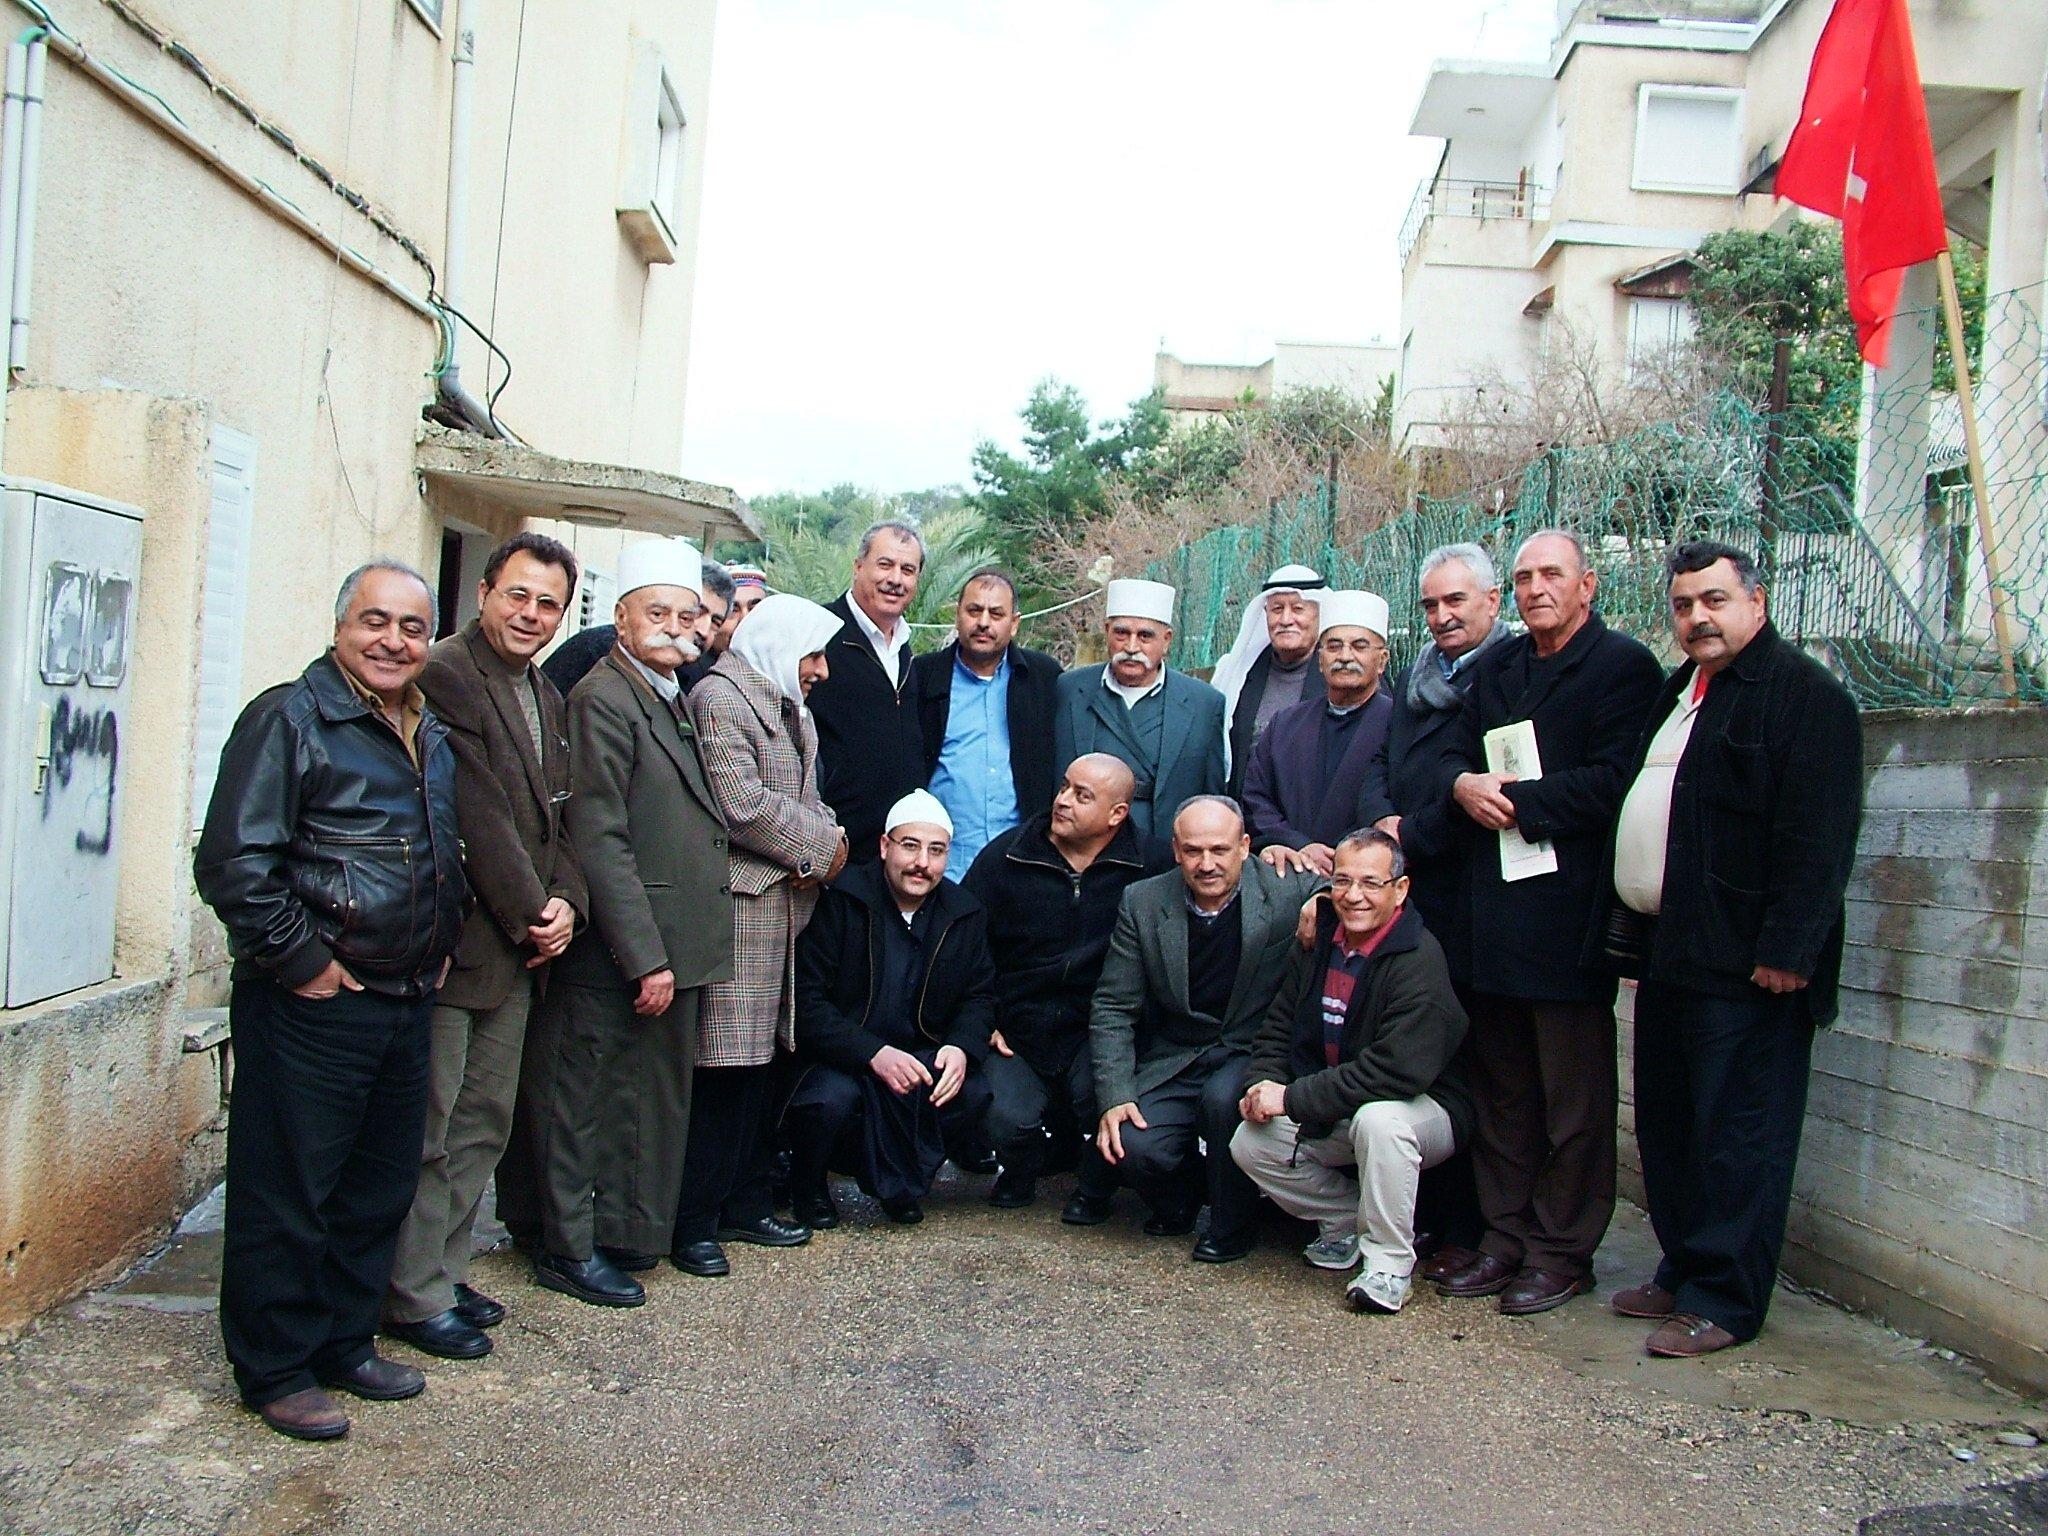 في مقرها في يركا سكرتارية لجنة المبادرة العربية الدرزية تعقد اجتماعها الدوري